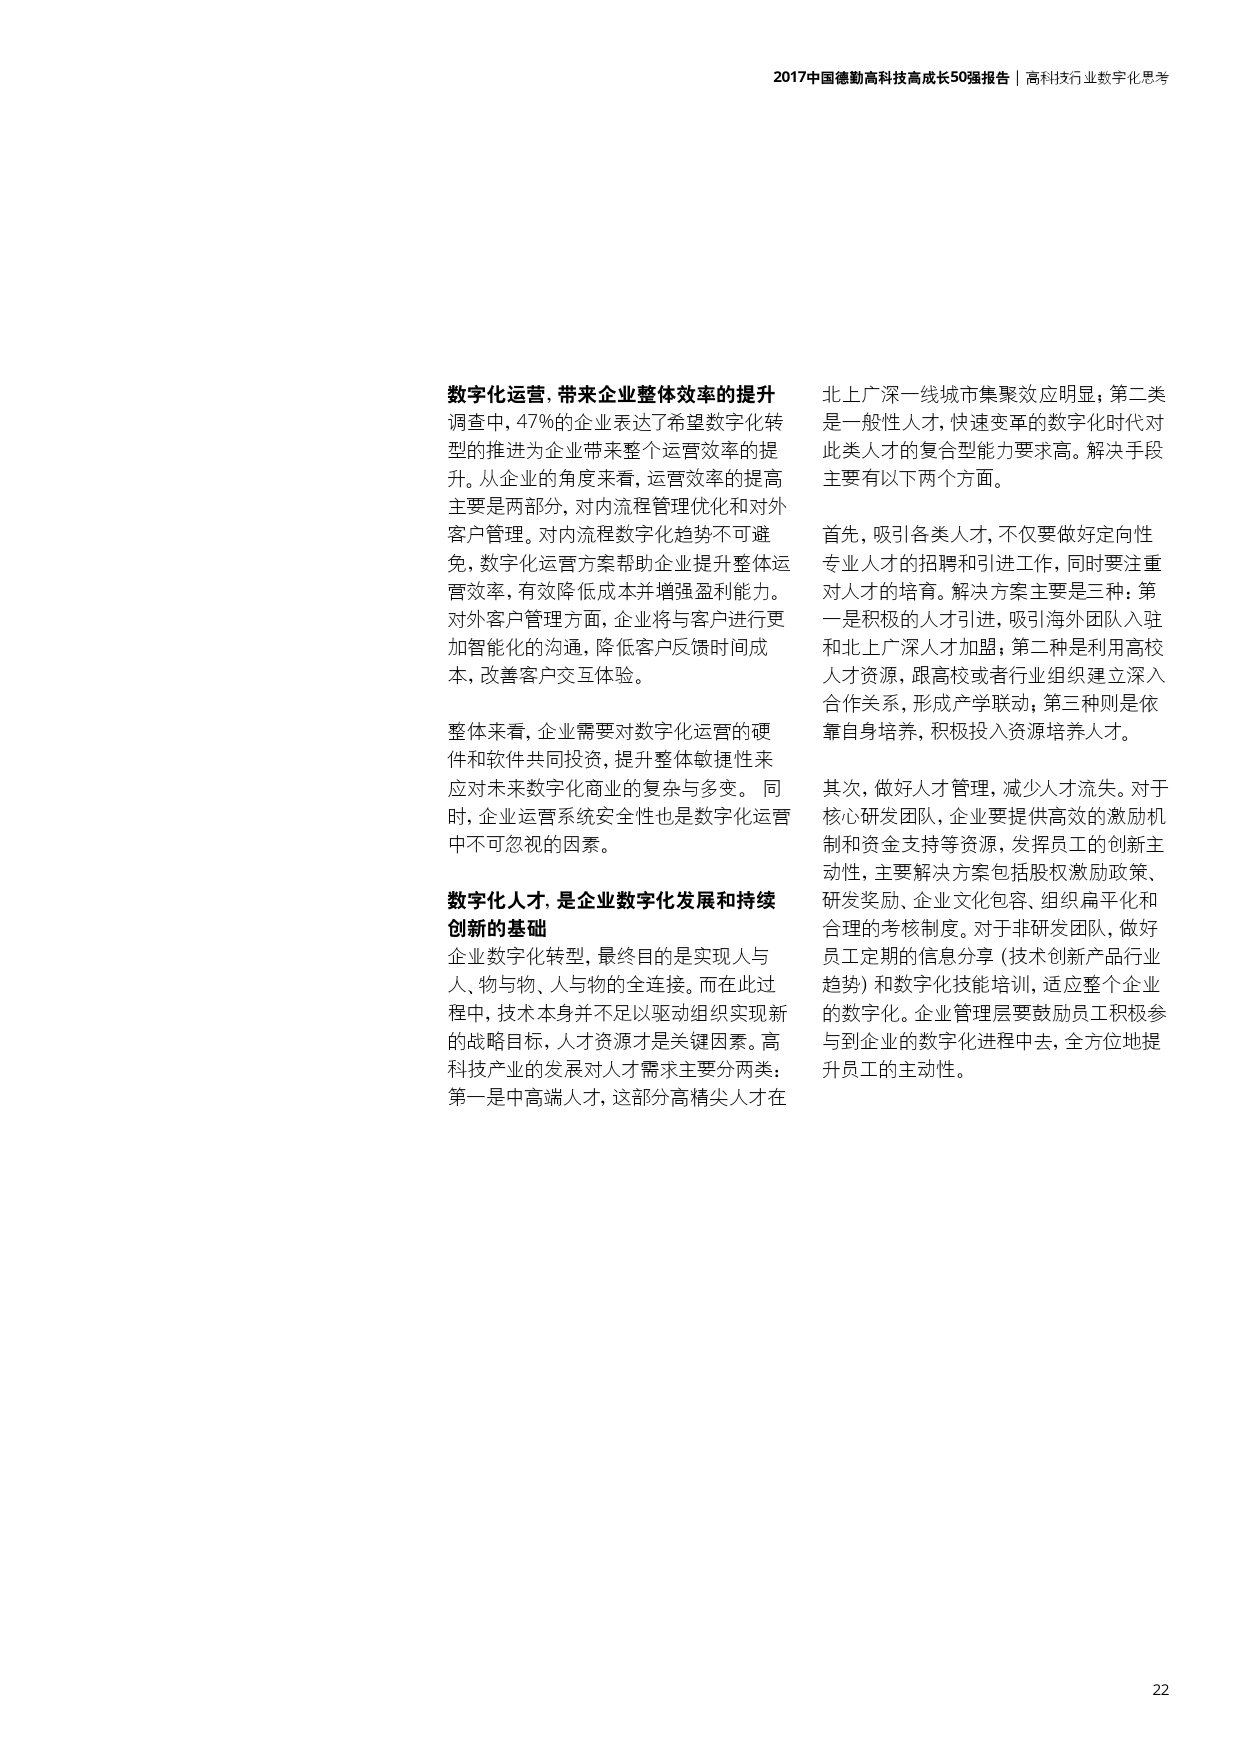 德勤咨询:2017中国高科技高成长50强报告(附下